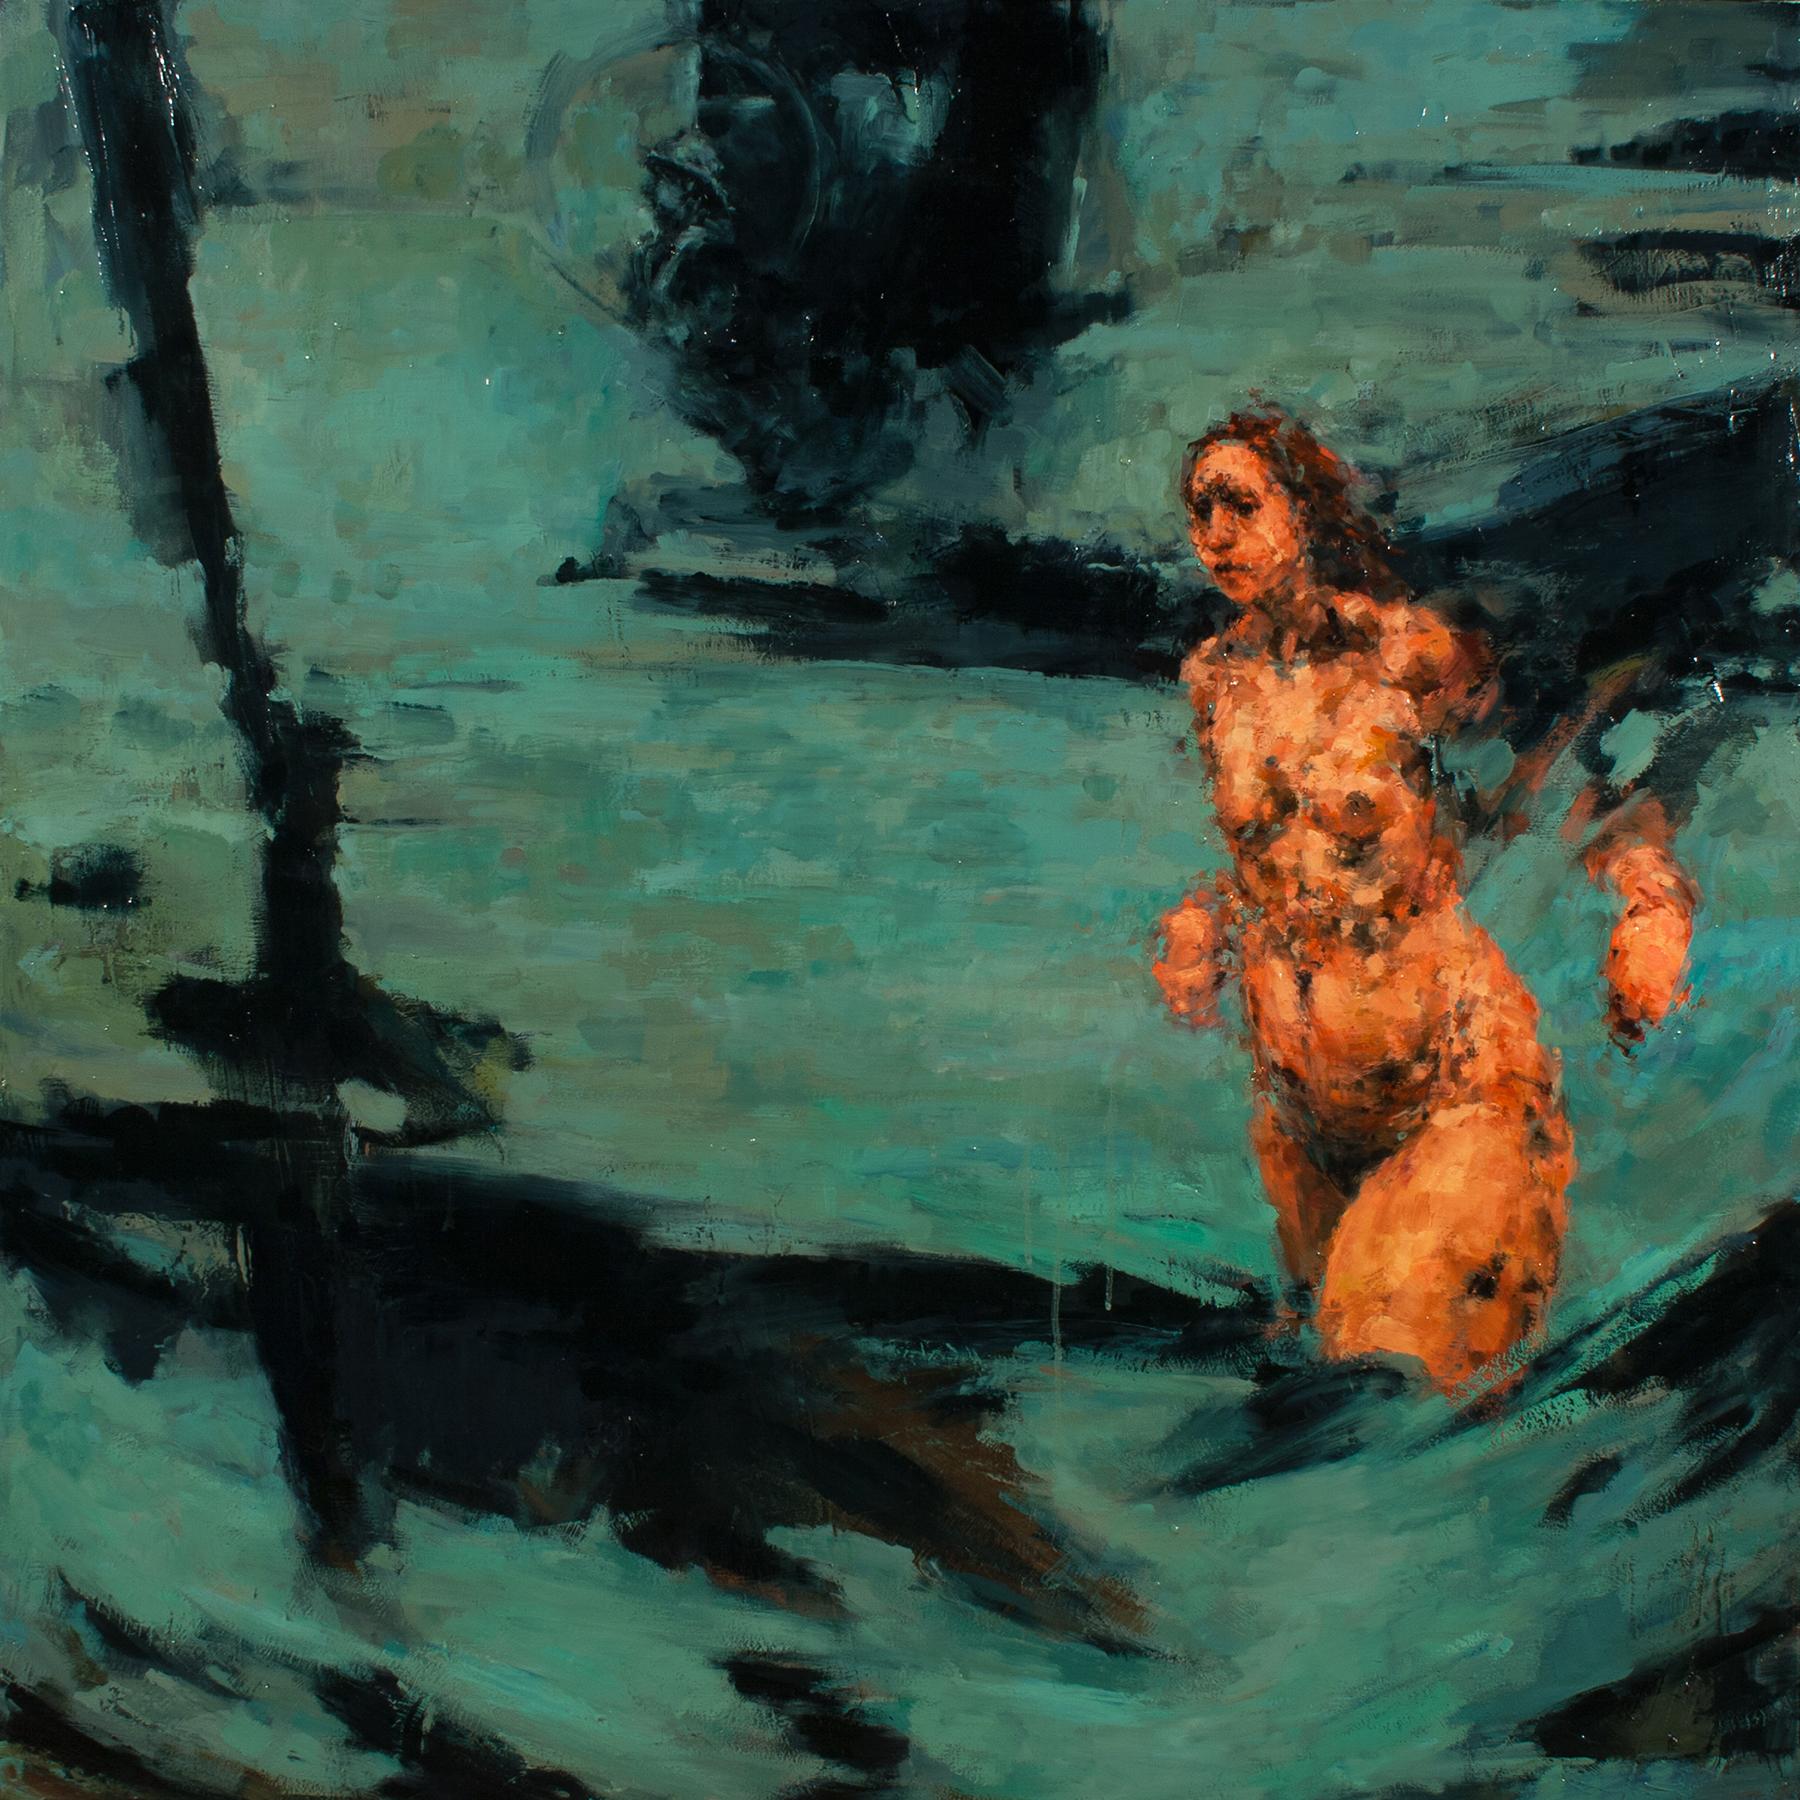 """Evidence (Bomber), oil on canvas, 42"""" x 42"""" x 2"""", 2013"""